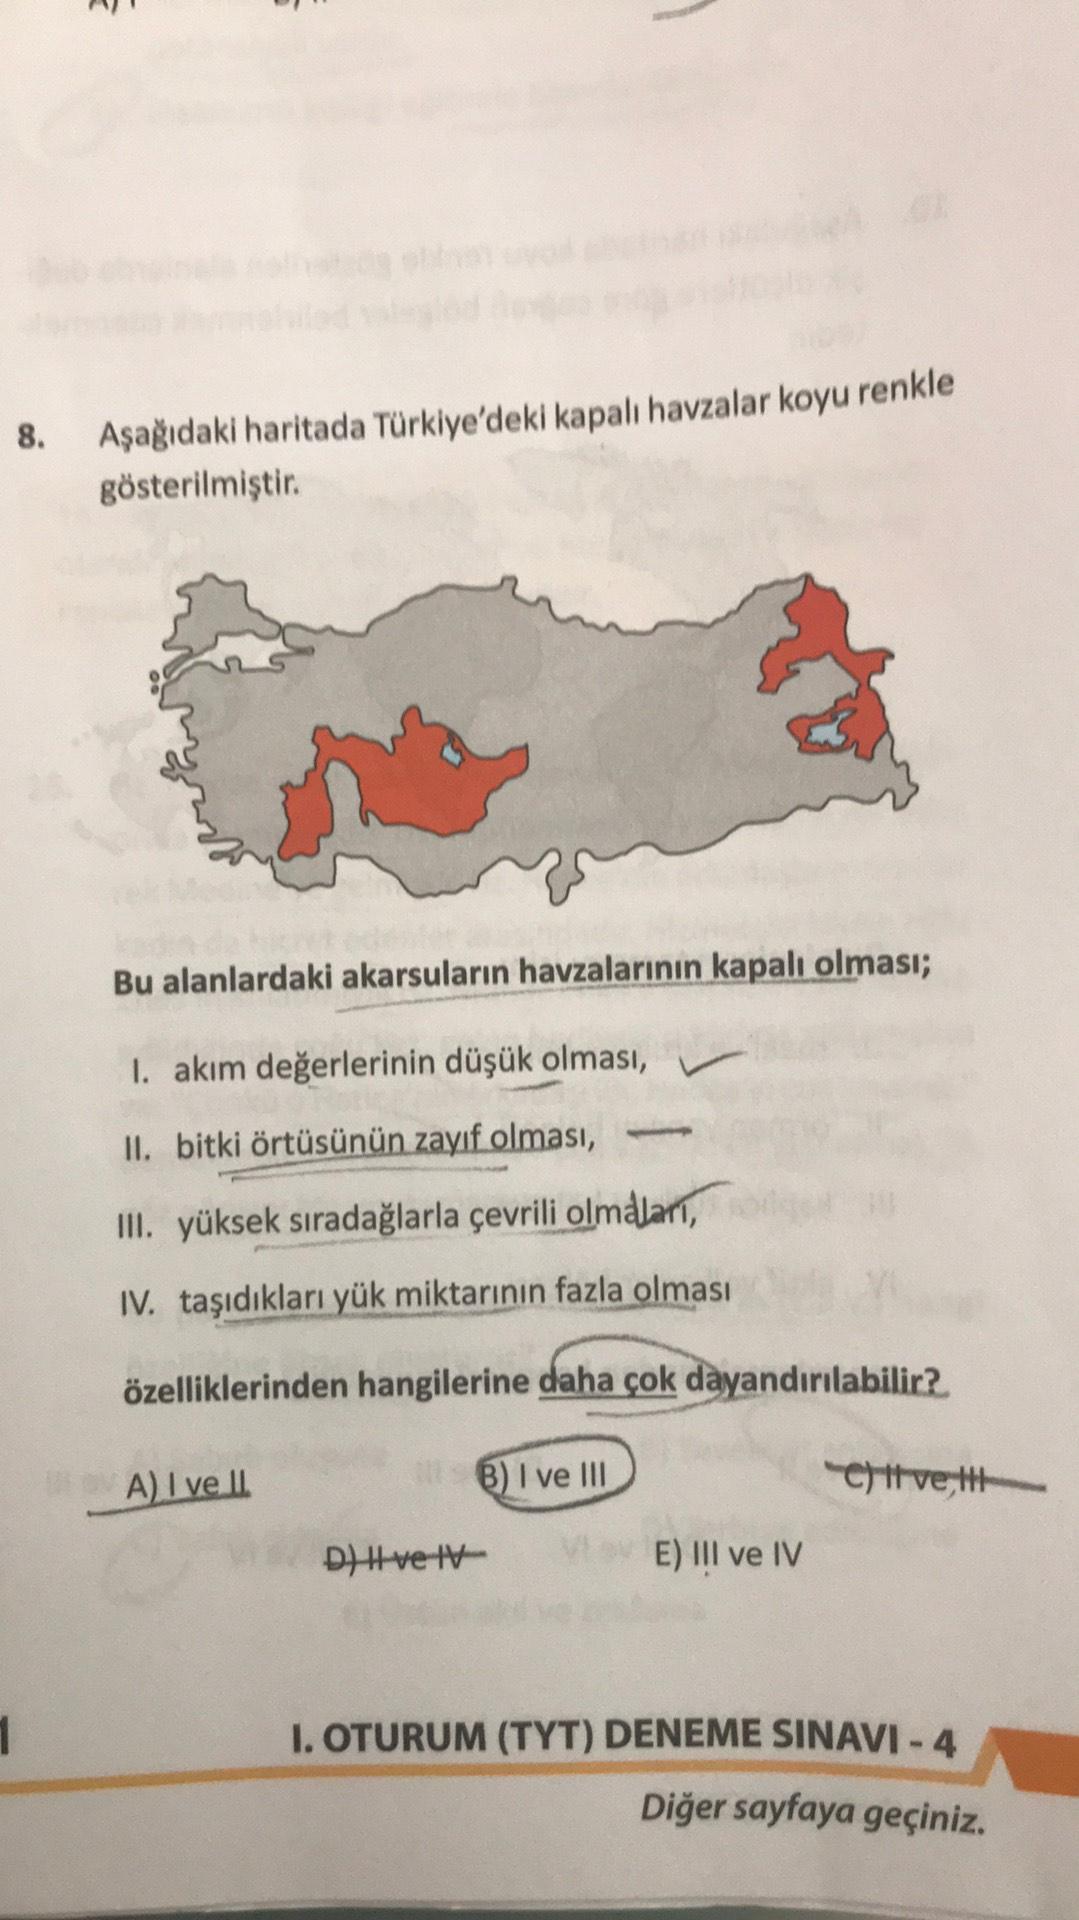 All 8. Aşağıdaki haritada Türkiye'deki kapalı havzalar koyu renkle gösterilmiştir. Bu alanlardaki akarsuların havzalarının kapalı olması; I. akım değerlerinin düşük olması, II. bitki örtüsünün zayıf olması, III. yüksek sıradağlarla çevrili olmalari, IV. ta